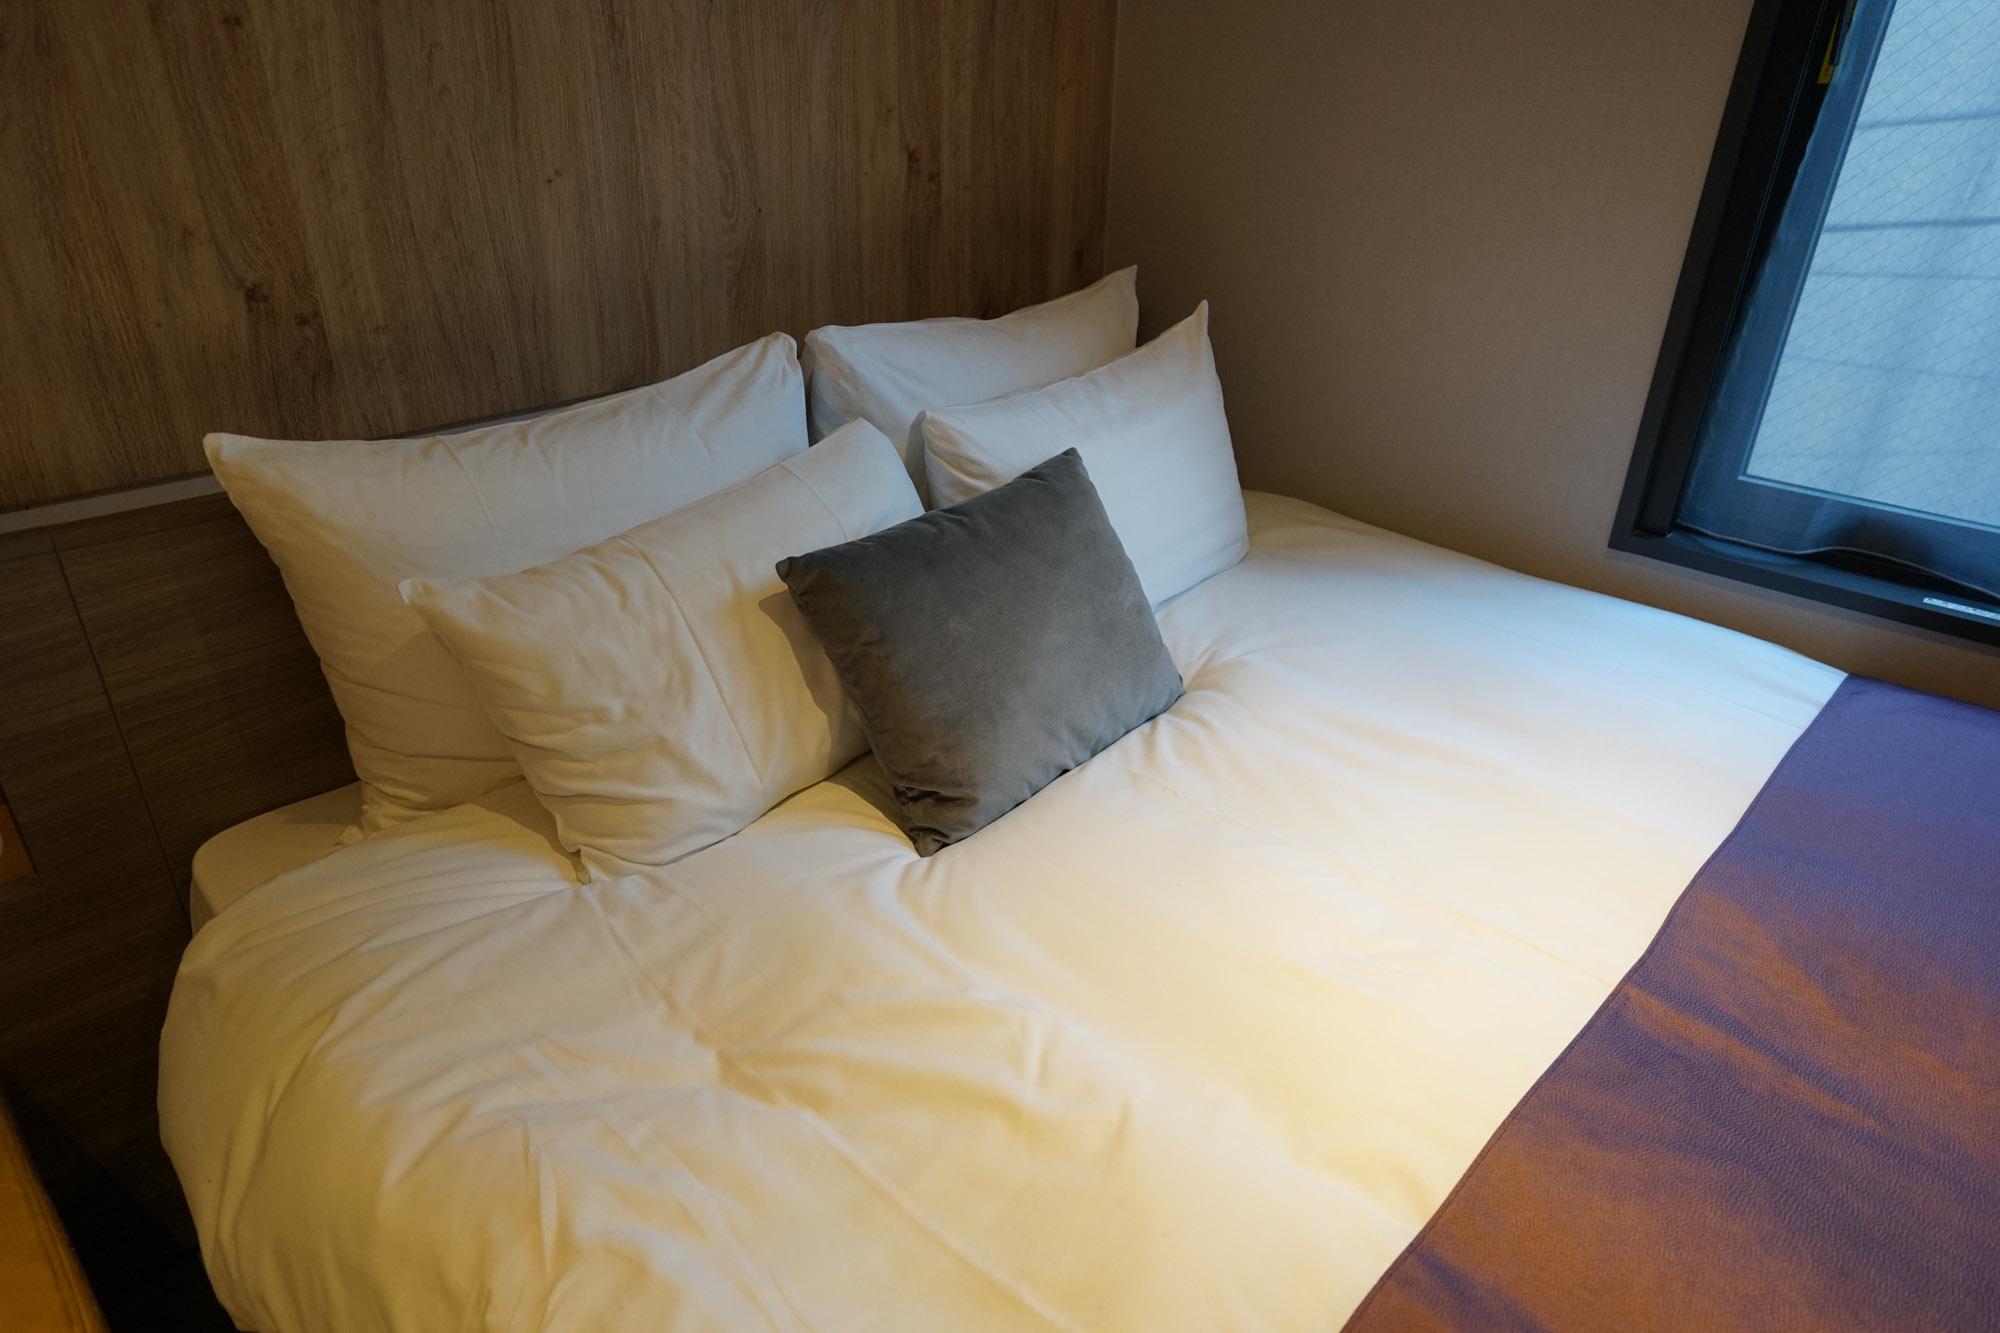 リニューアルで入れ替えられたという日本ベッド製のベッド。ダブルルームで160cm幅と、かなりゆとりがあり、寝心地も最高です。